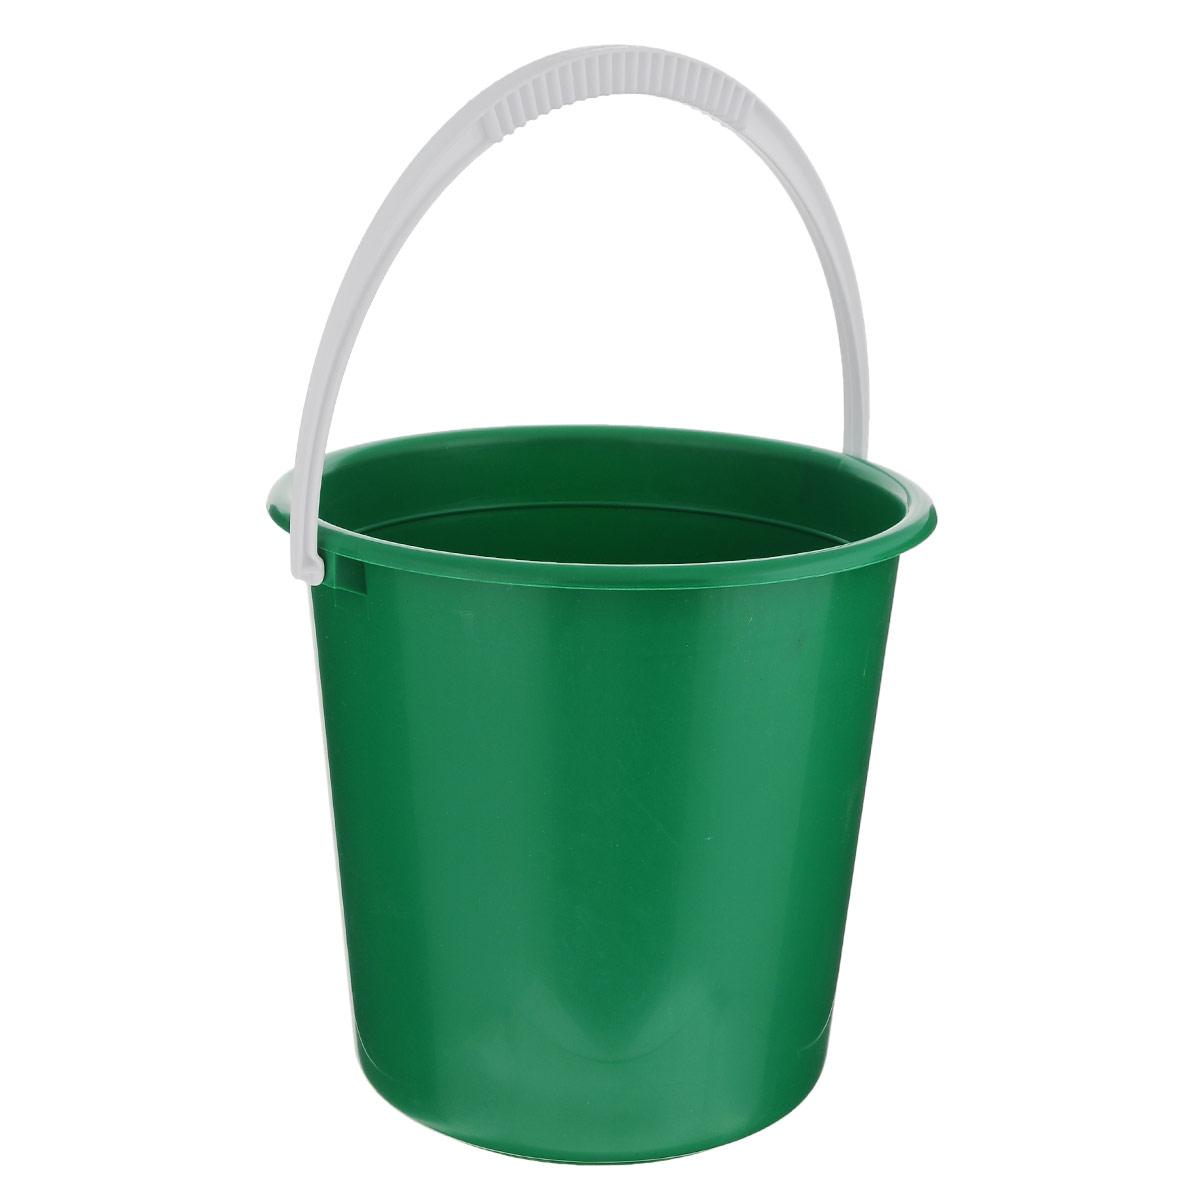 Ведро Альтернатива Крепыш, цвет: зеленый, 10 лК117_зеленыйВедро Альтернатива Крепыш изготовлено из высококачественного одноцветного пластика. Оно легче железного и не подвержено коррозии. Ведро оснащено удобной пластиковой ручкой. Такое ведро станет незаменимым помощником в хозяйстве. Диаметр: 28 см. Высота: 27 см.